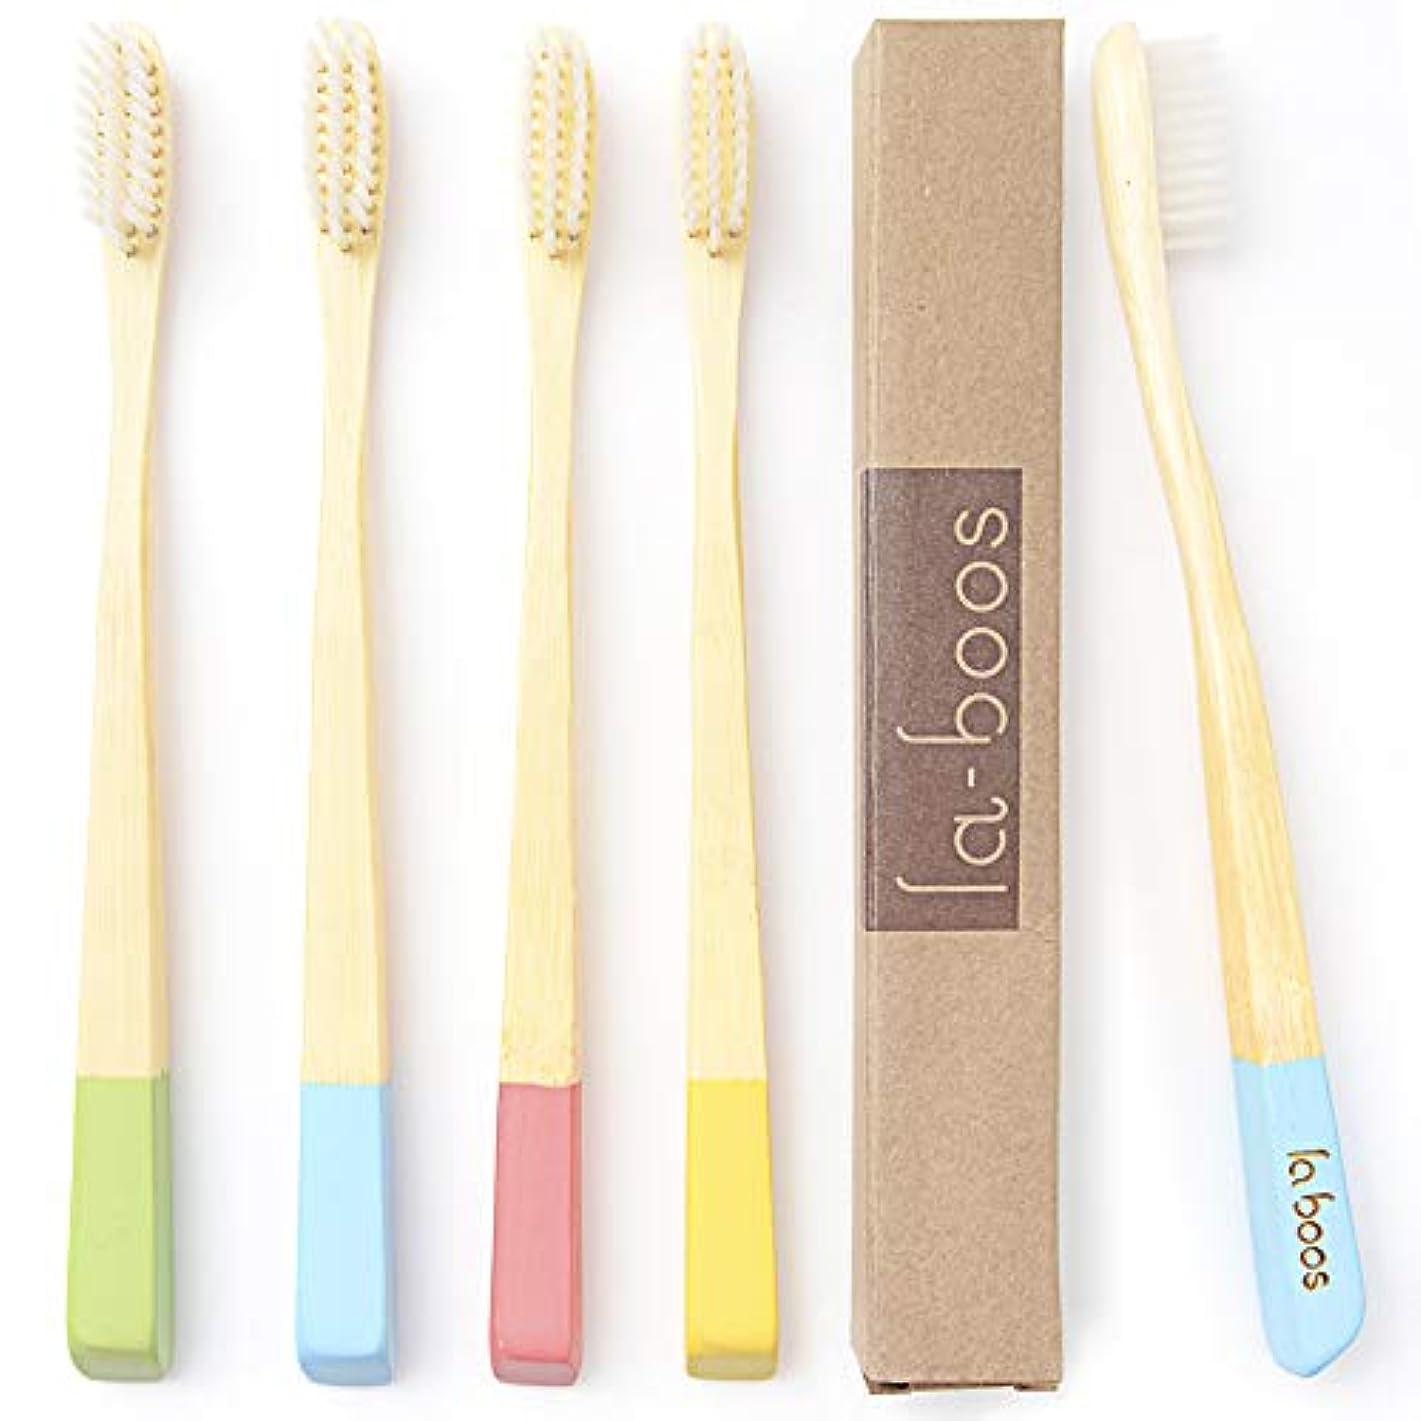 アトミックドローふさわしい大人用竹の歯ブラシ ナイロン毛 環境保護の歯ブラシ【台湾製】(4本入りセット)I By laboos